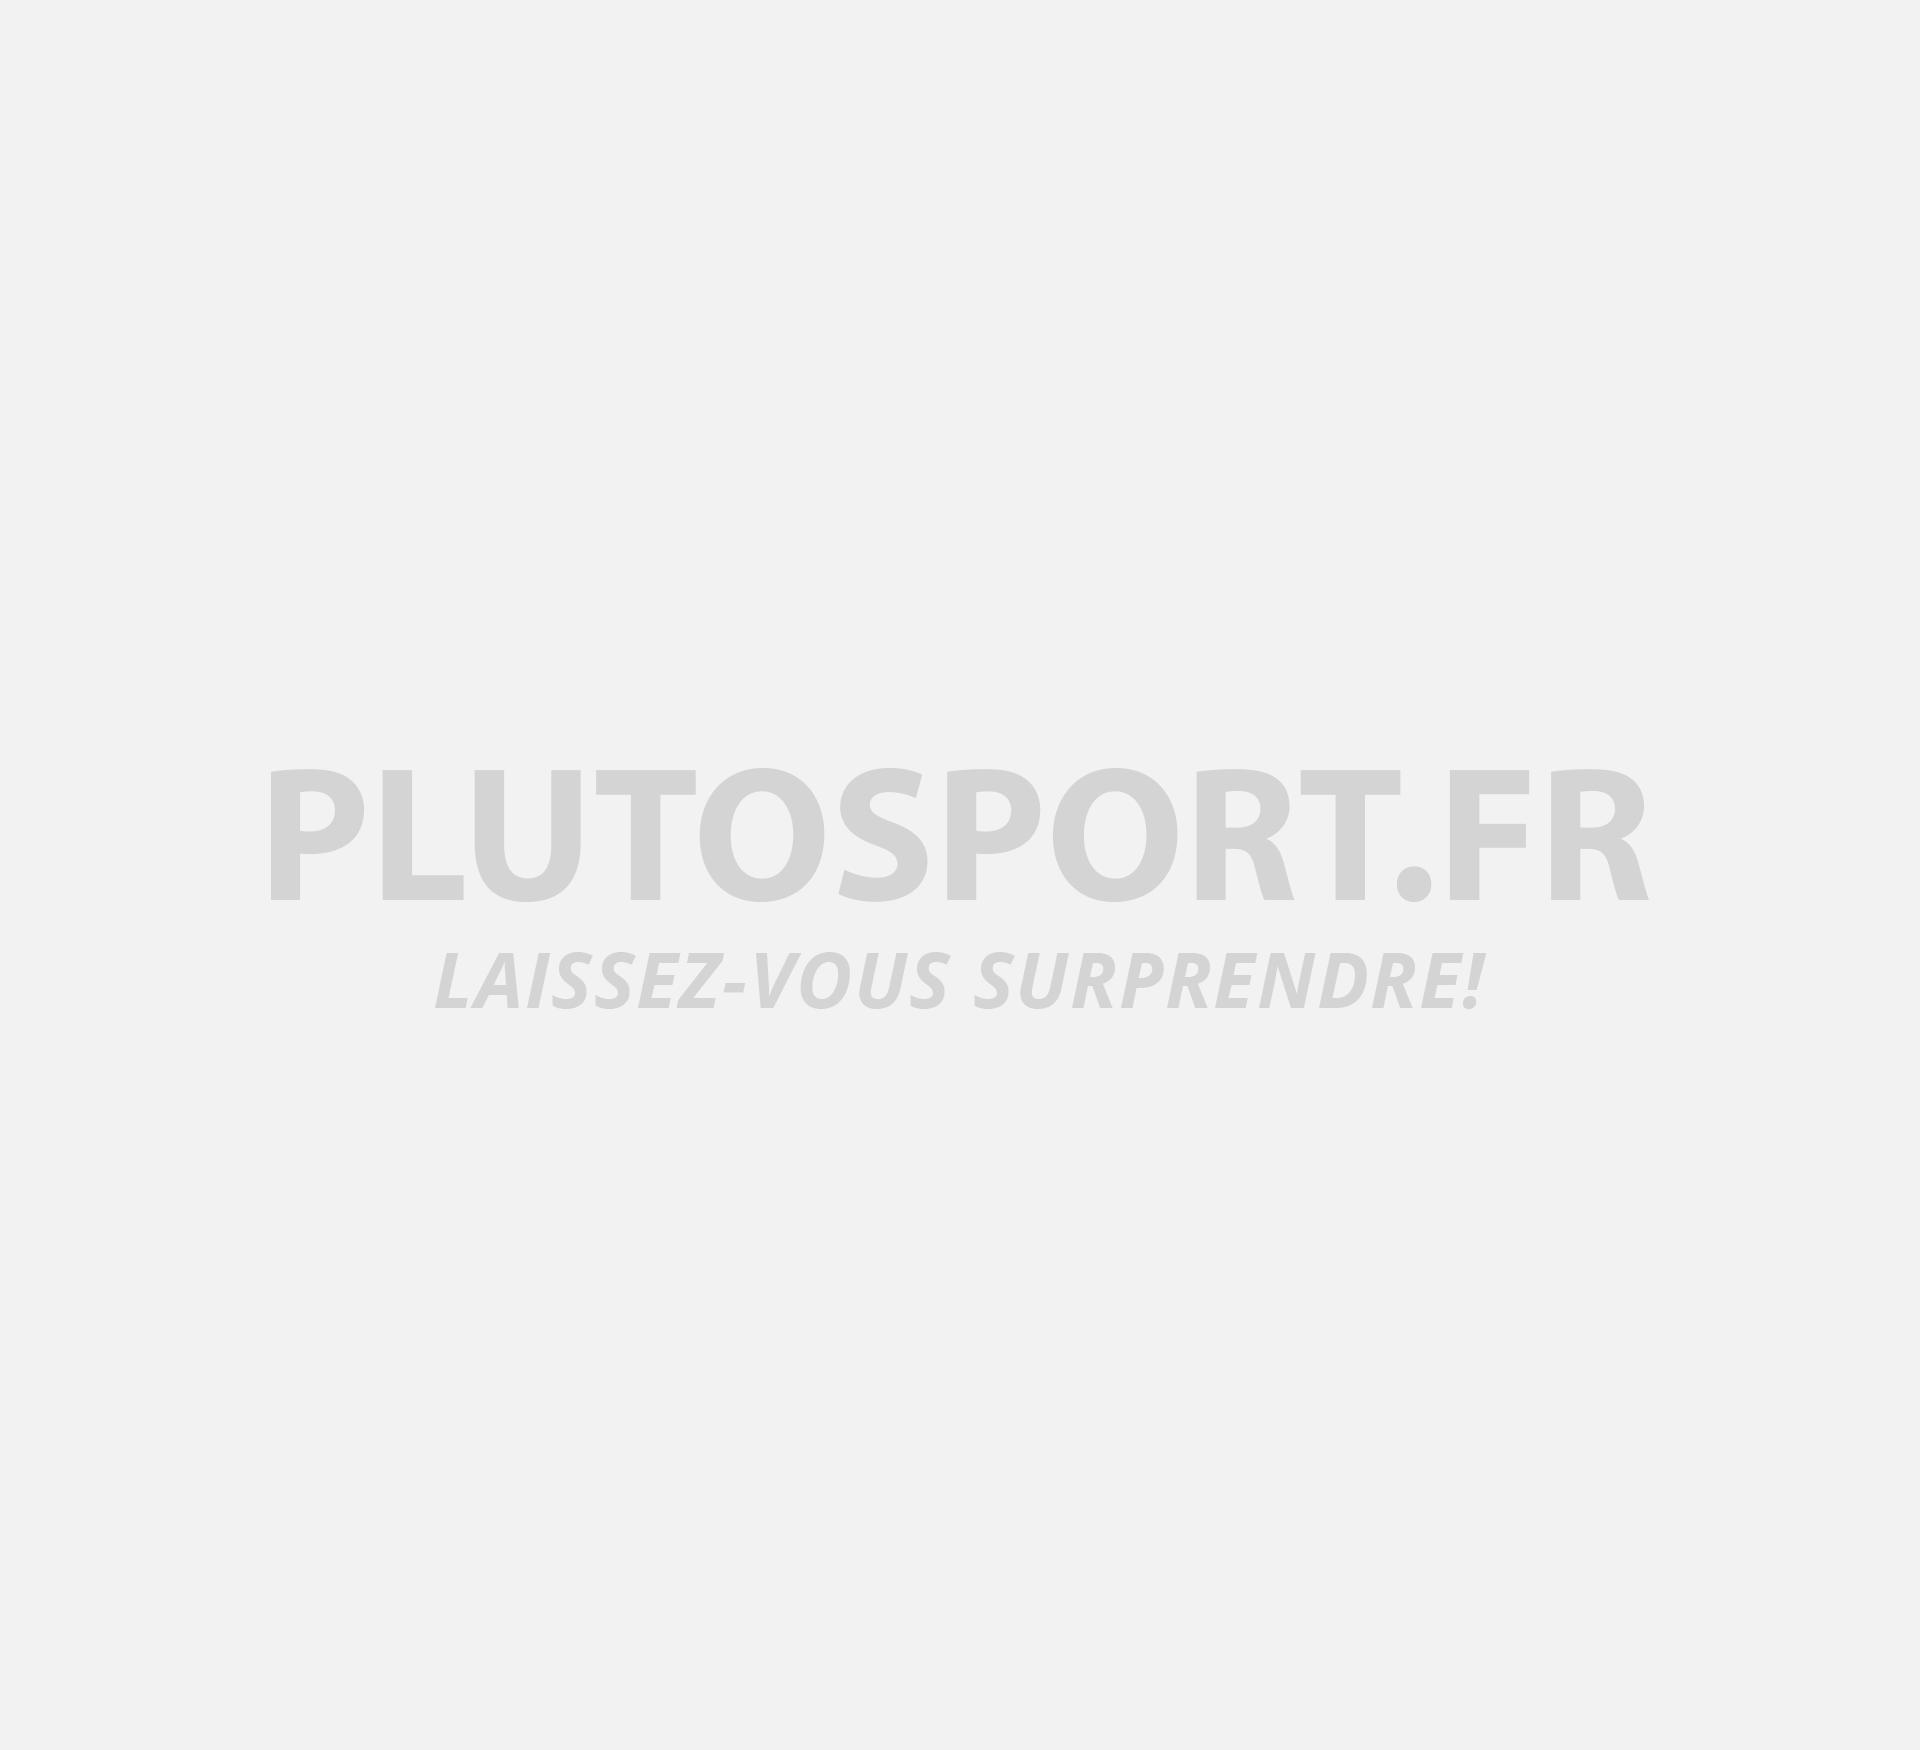 Les caleçons Boxer pour hommes Emporio Armani Trunk Boxershorts (3-Pack)